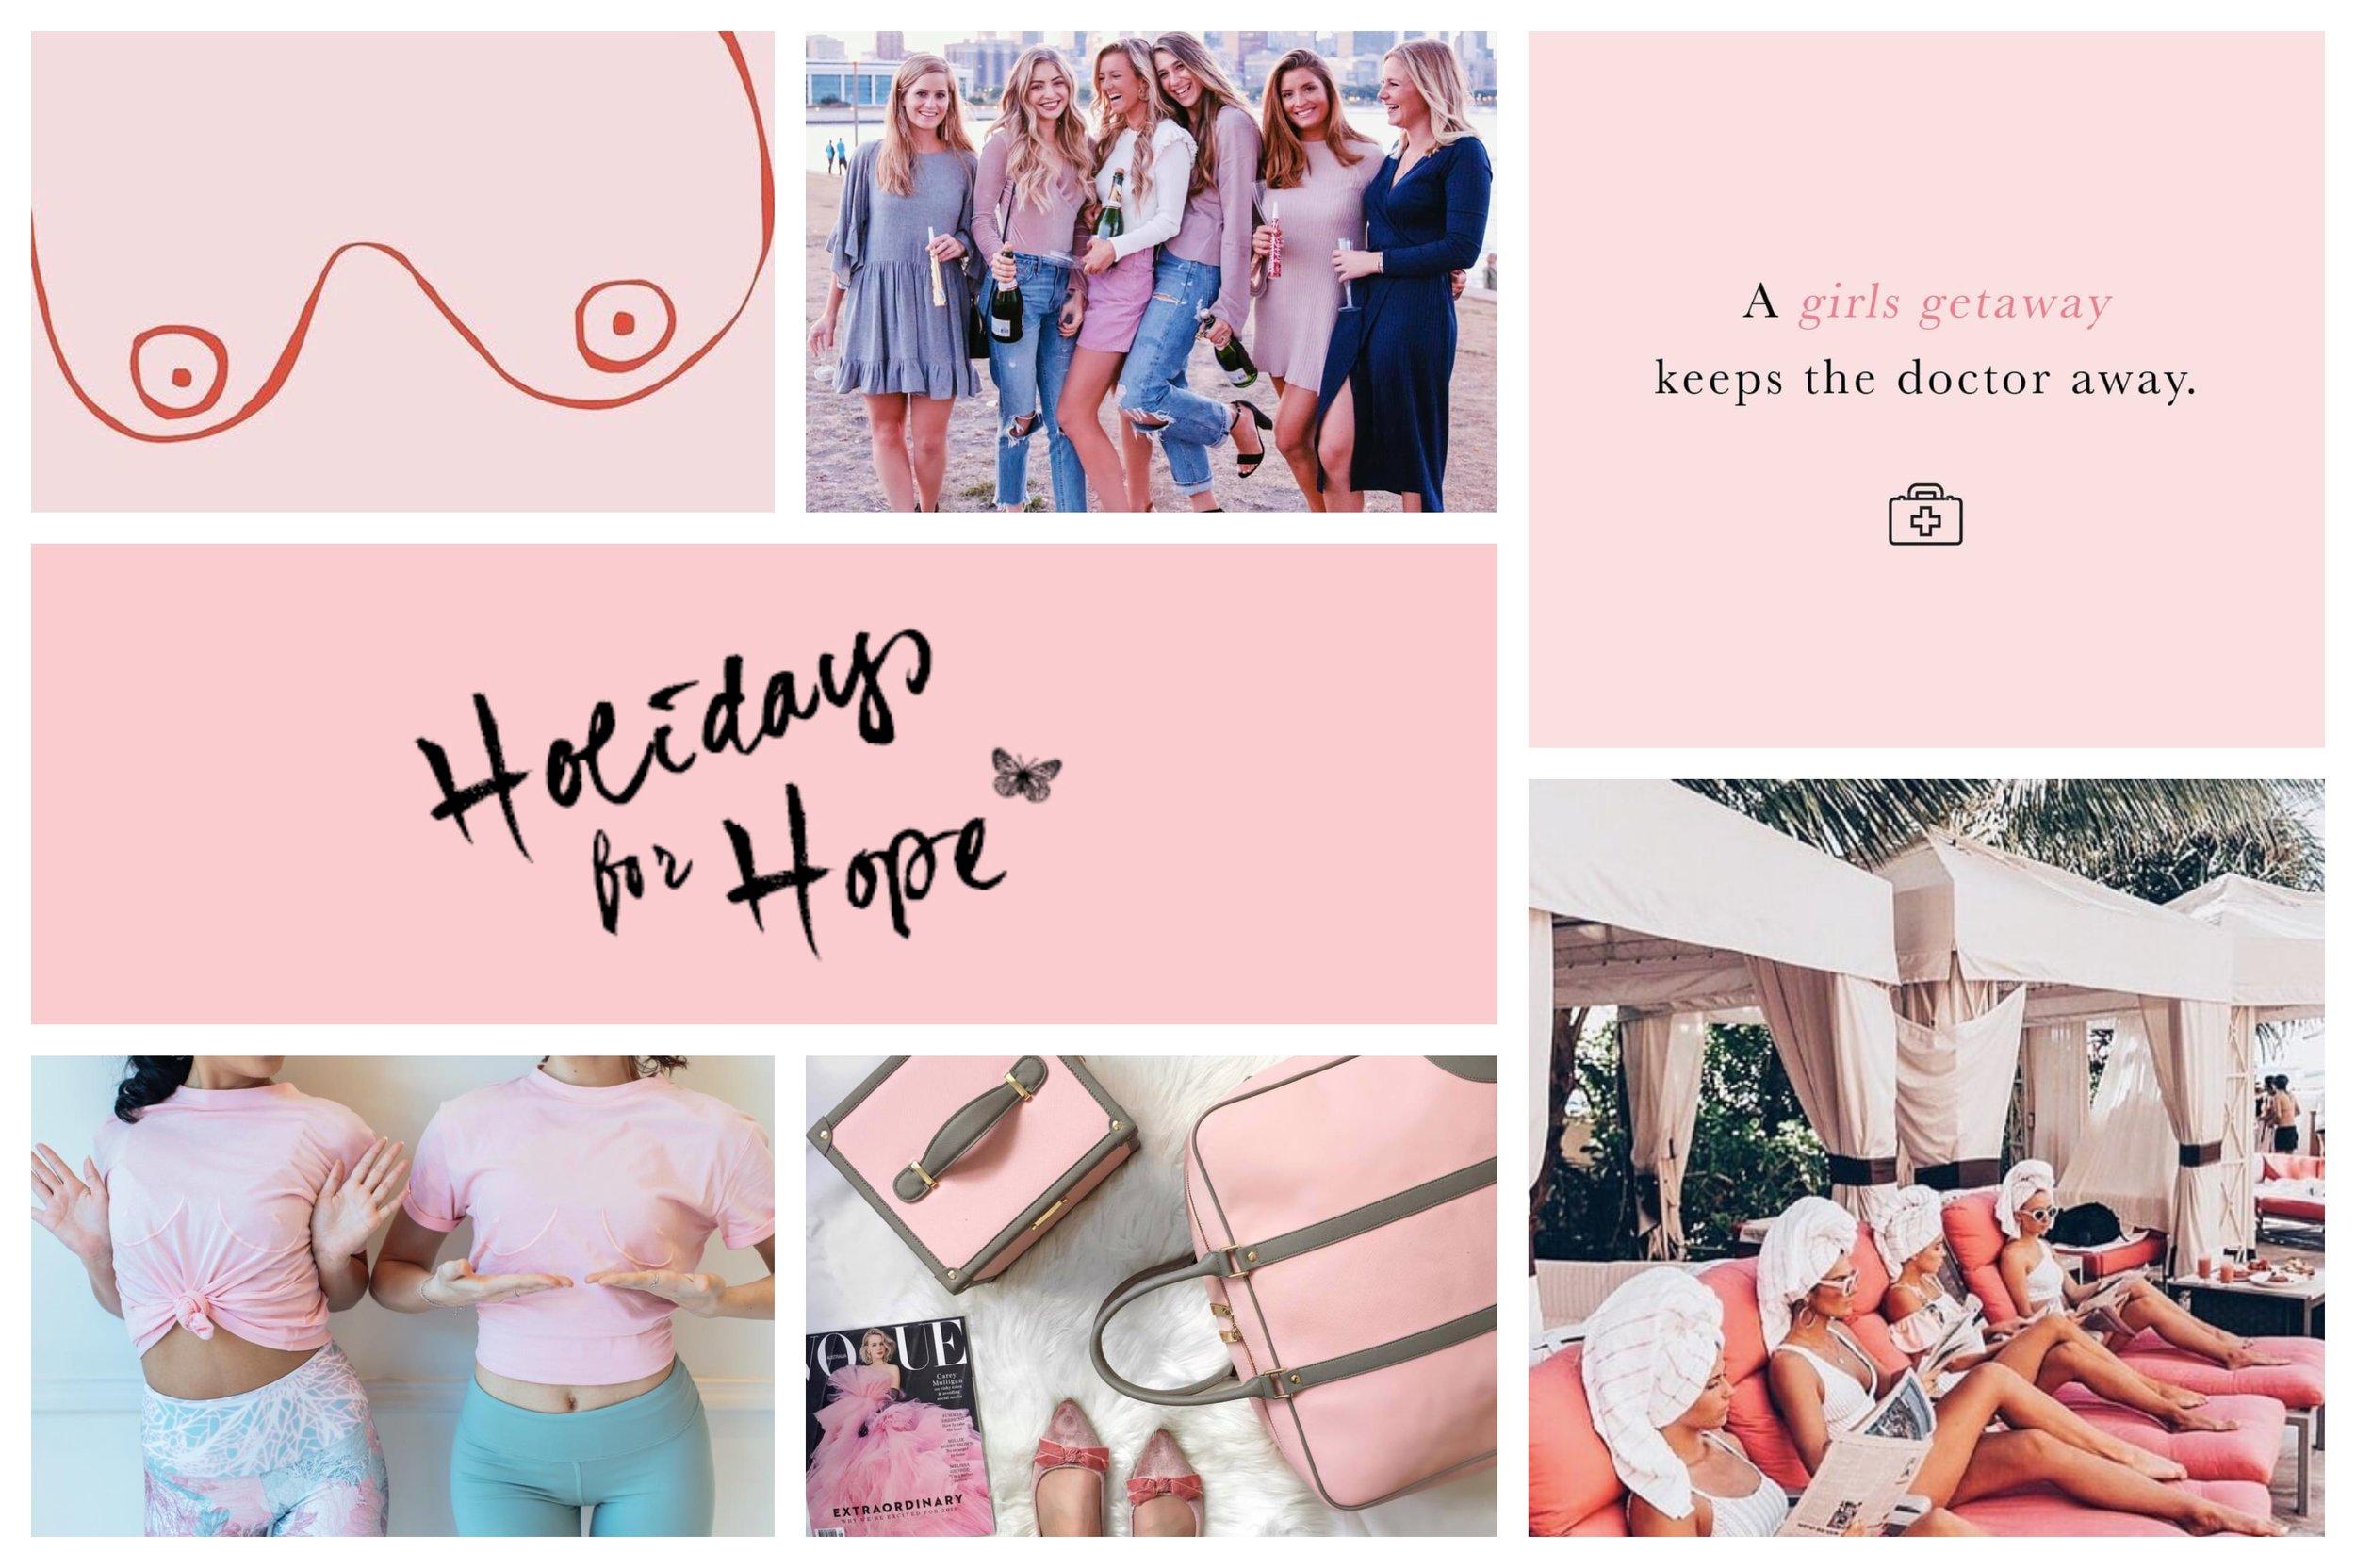 Holidays for Hope Pink Hope .jpg